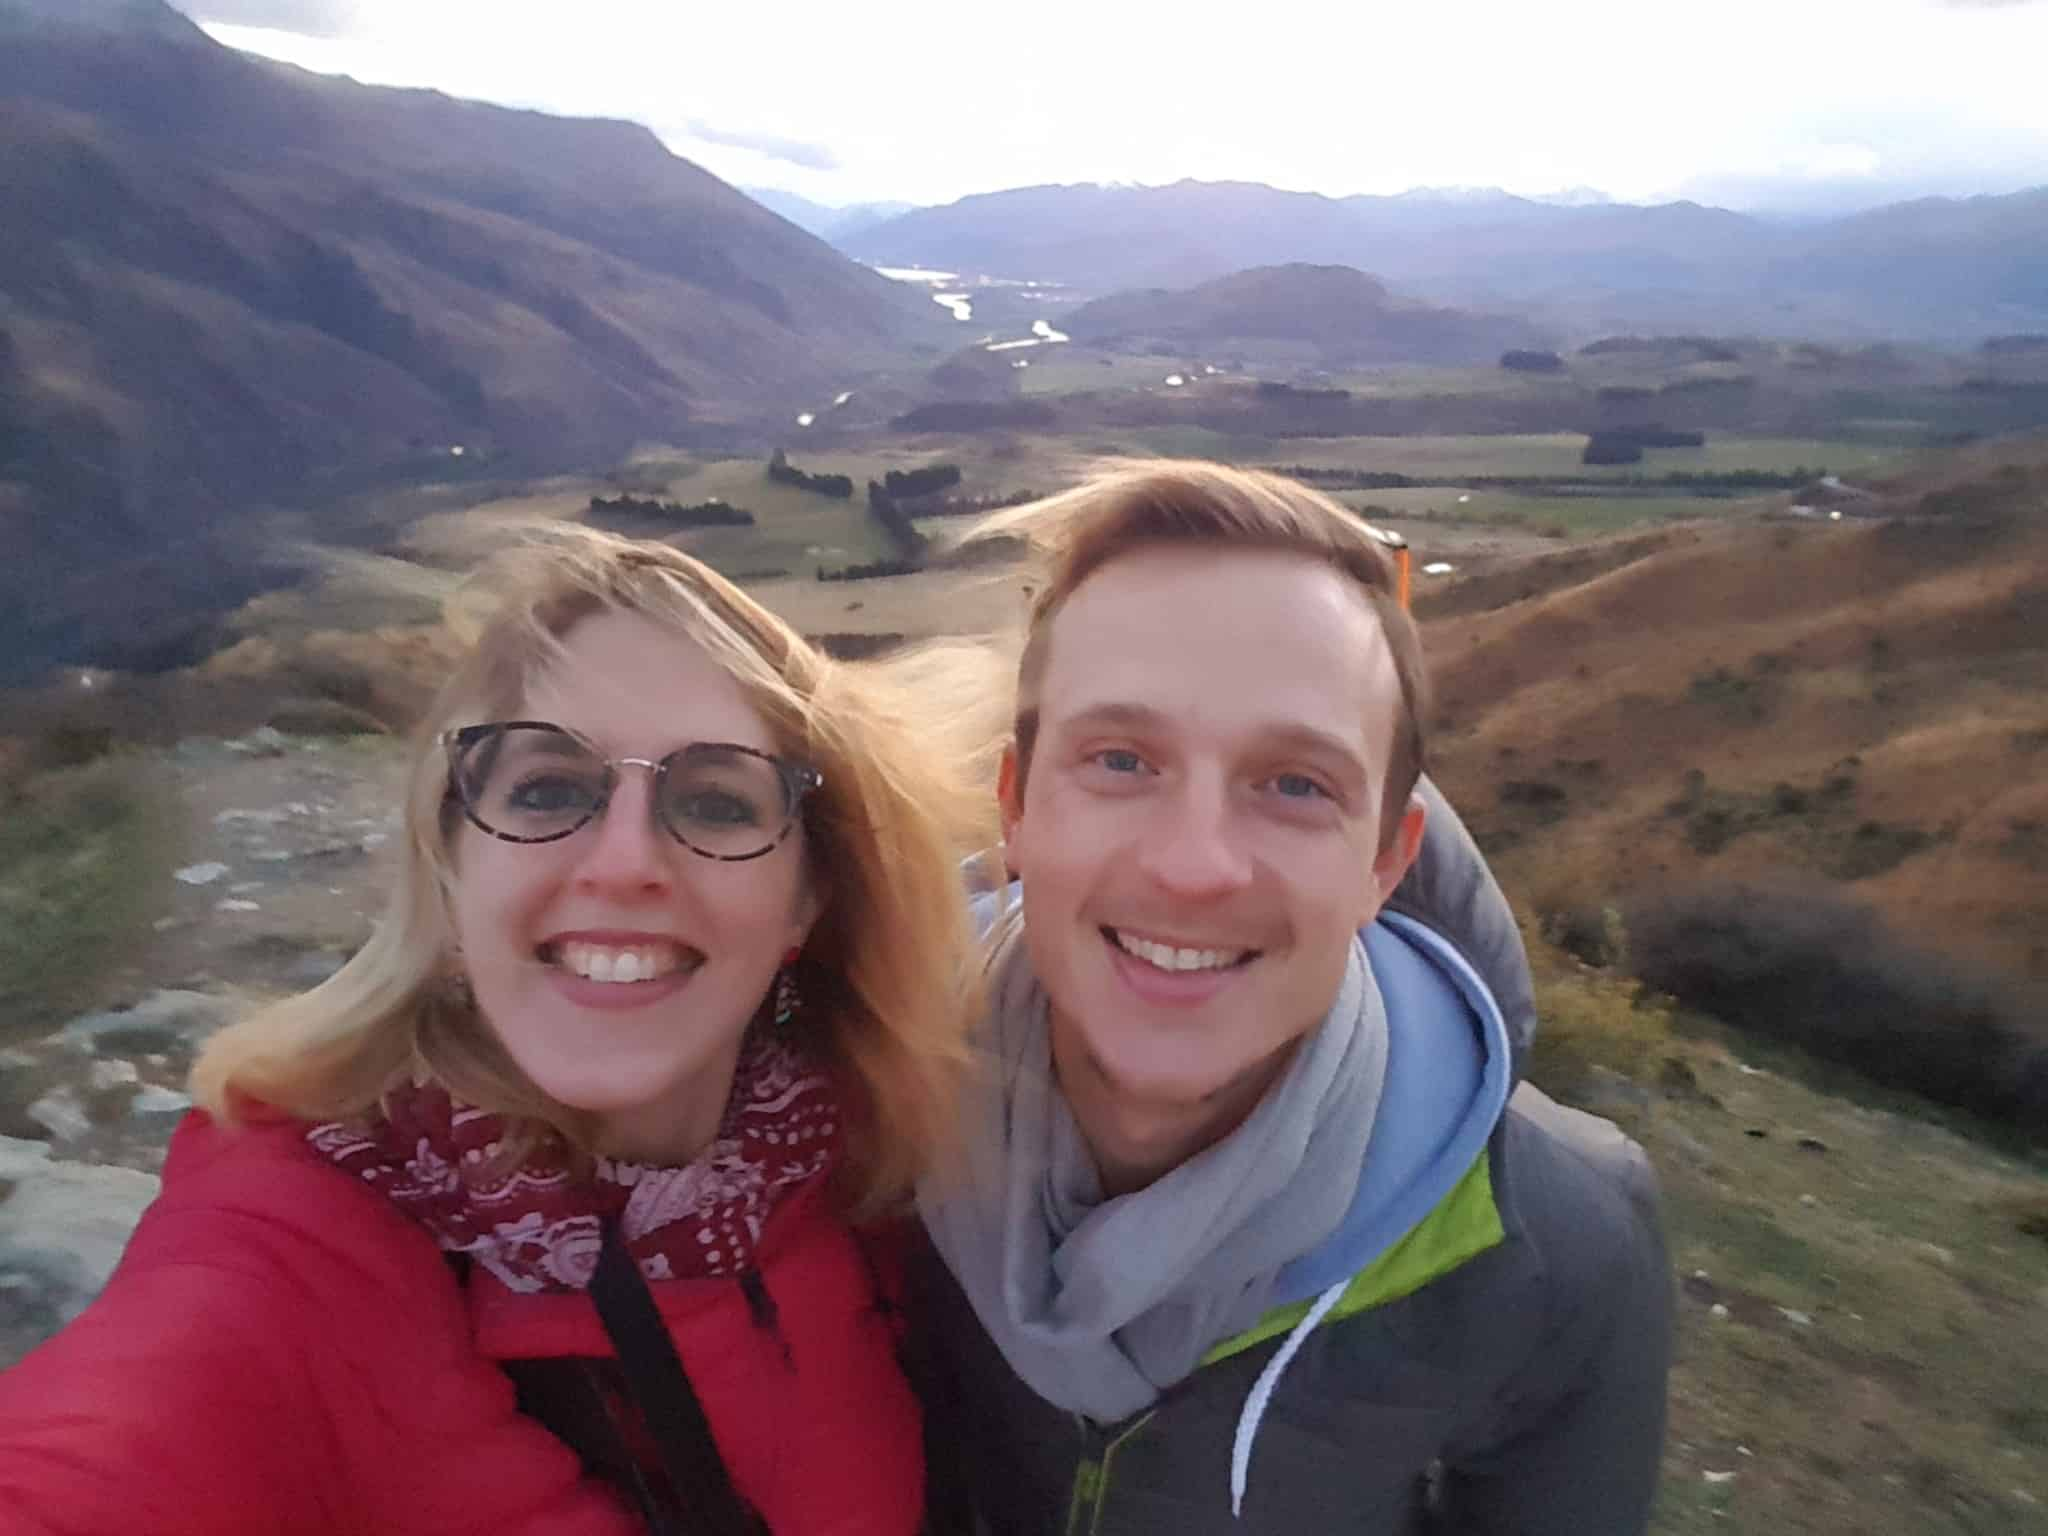 Nouvelle-Zélande, trois mois de douceur de vivre à Wanaka 🌞 24